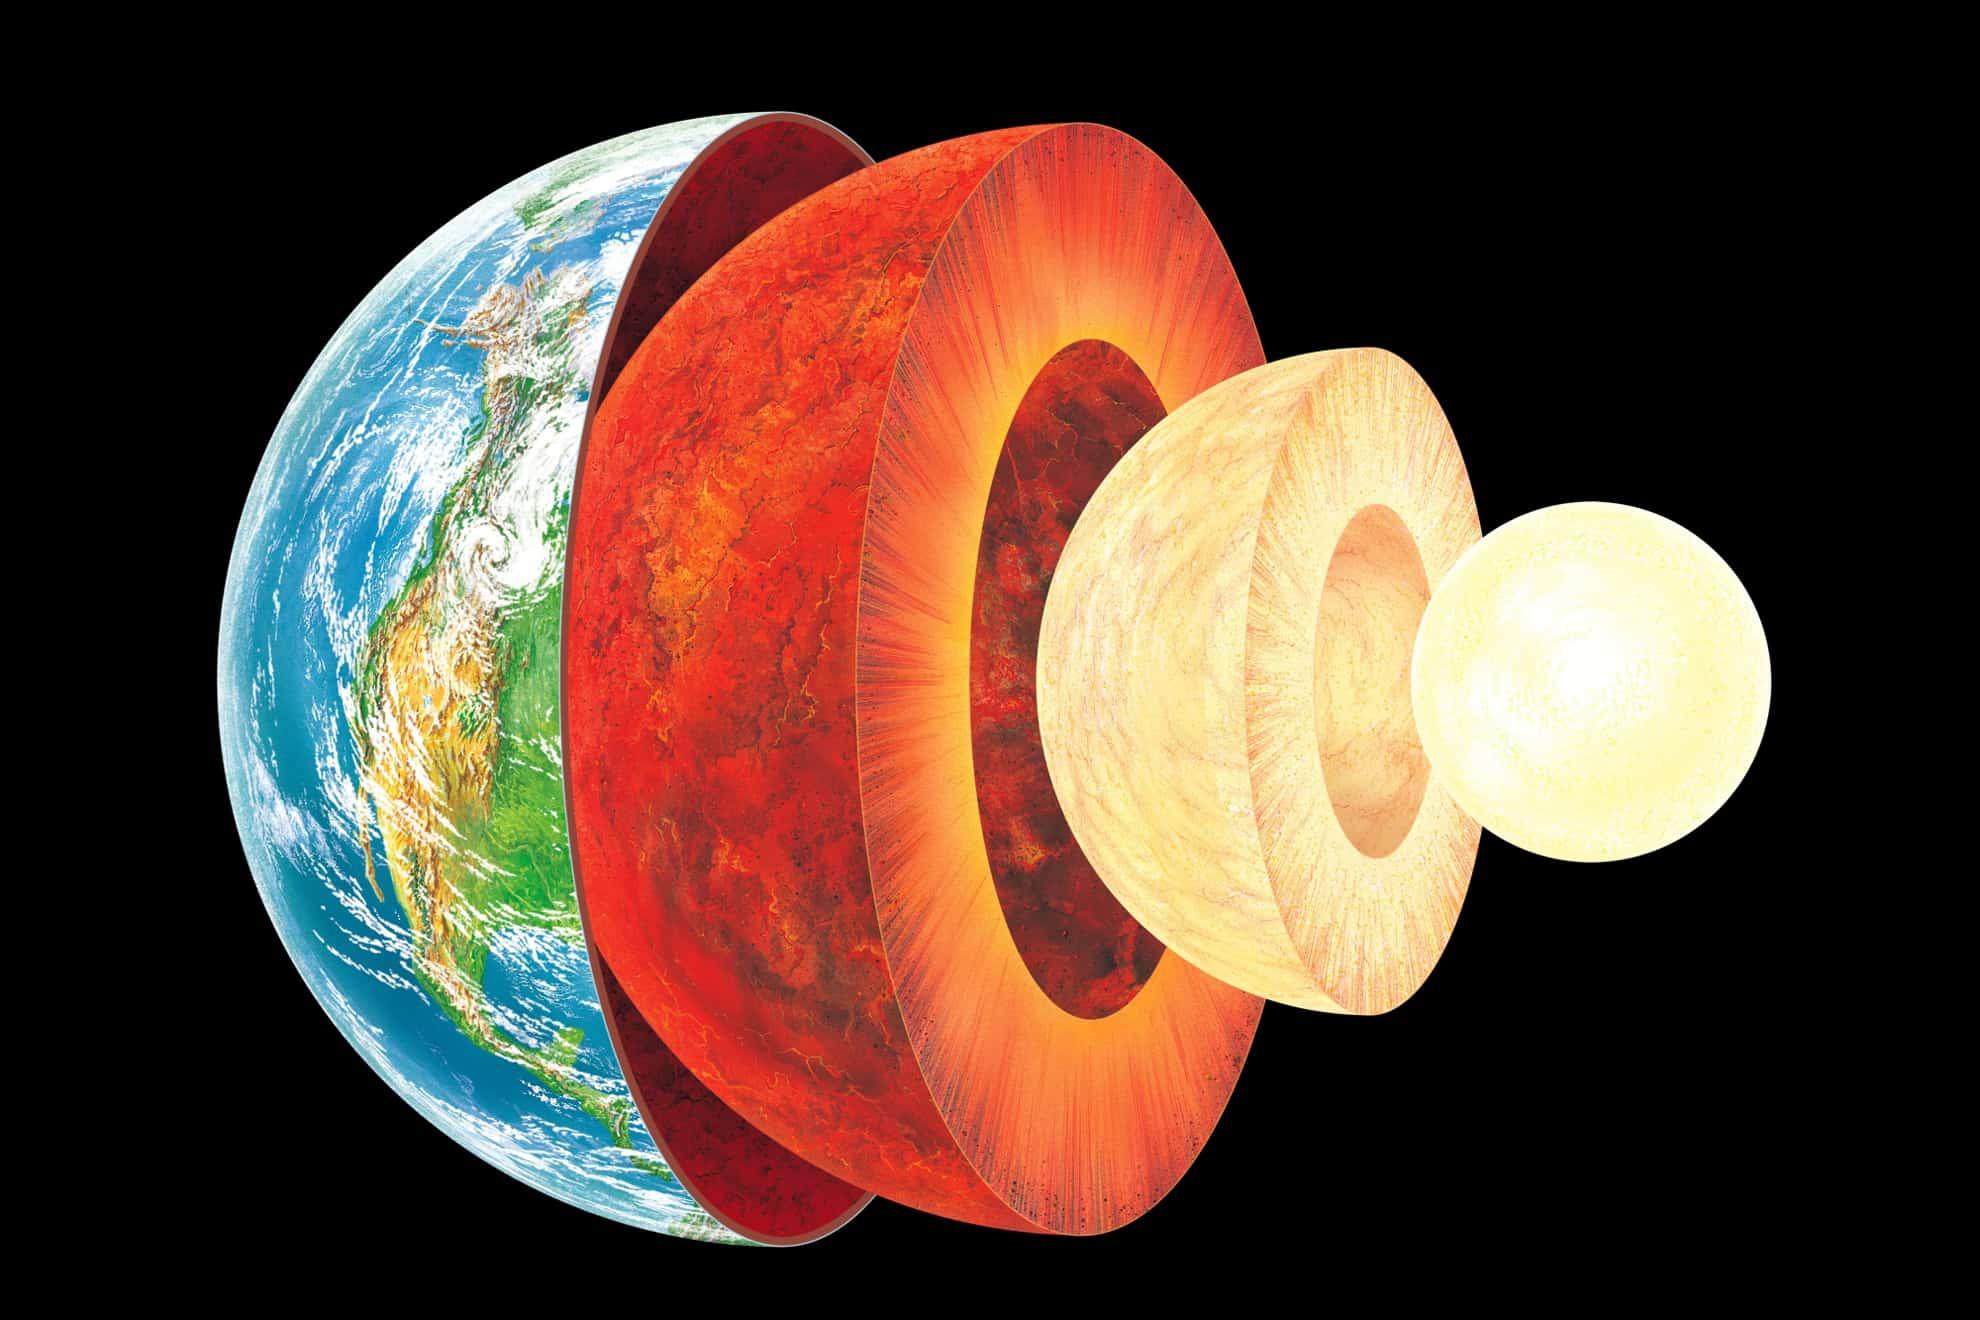 DOBLE LLAVE - Investigación de la Universidad Nacional de Australia confirma que el núcleo es sólido